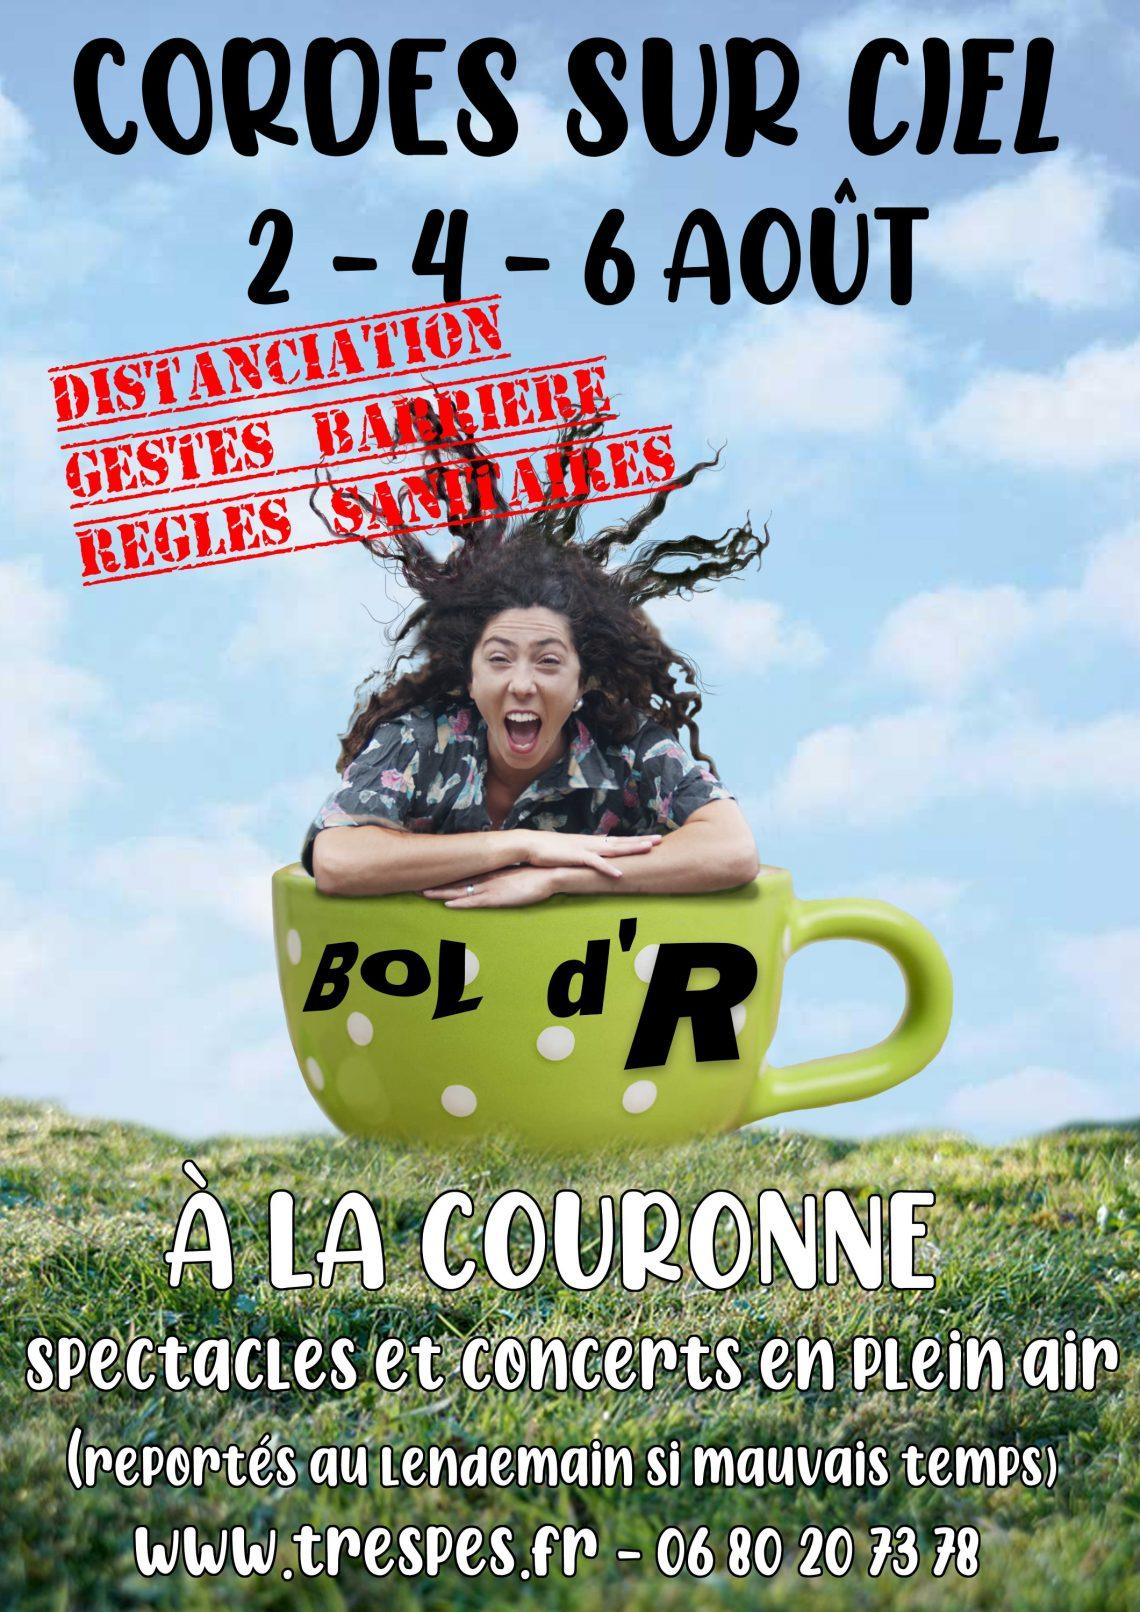 """[:fr]Affiche du festival """"Bol d'R"""" à Cordes sur Ciel[:]"""